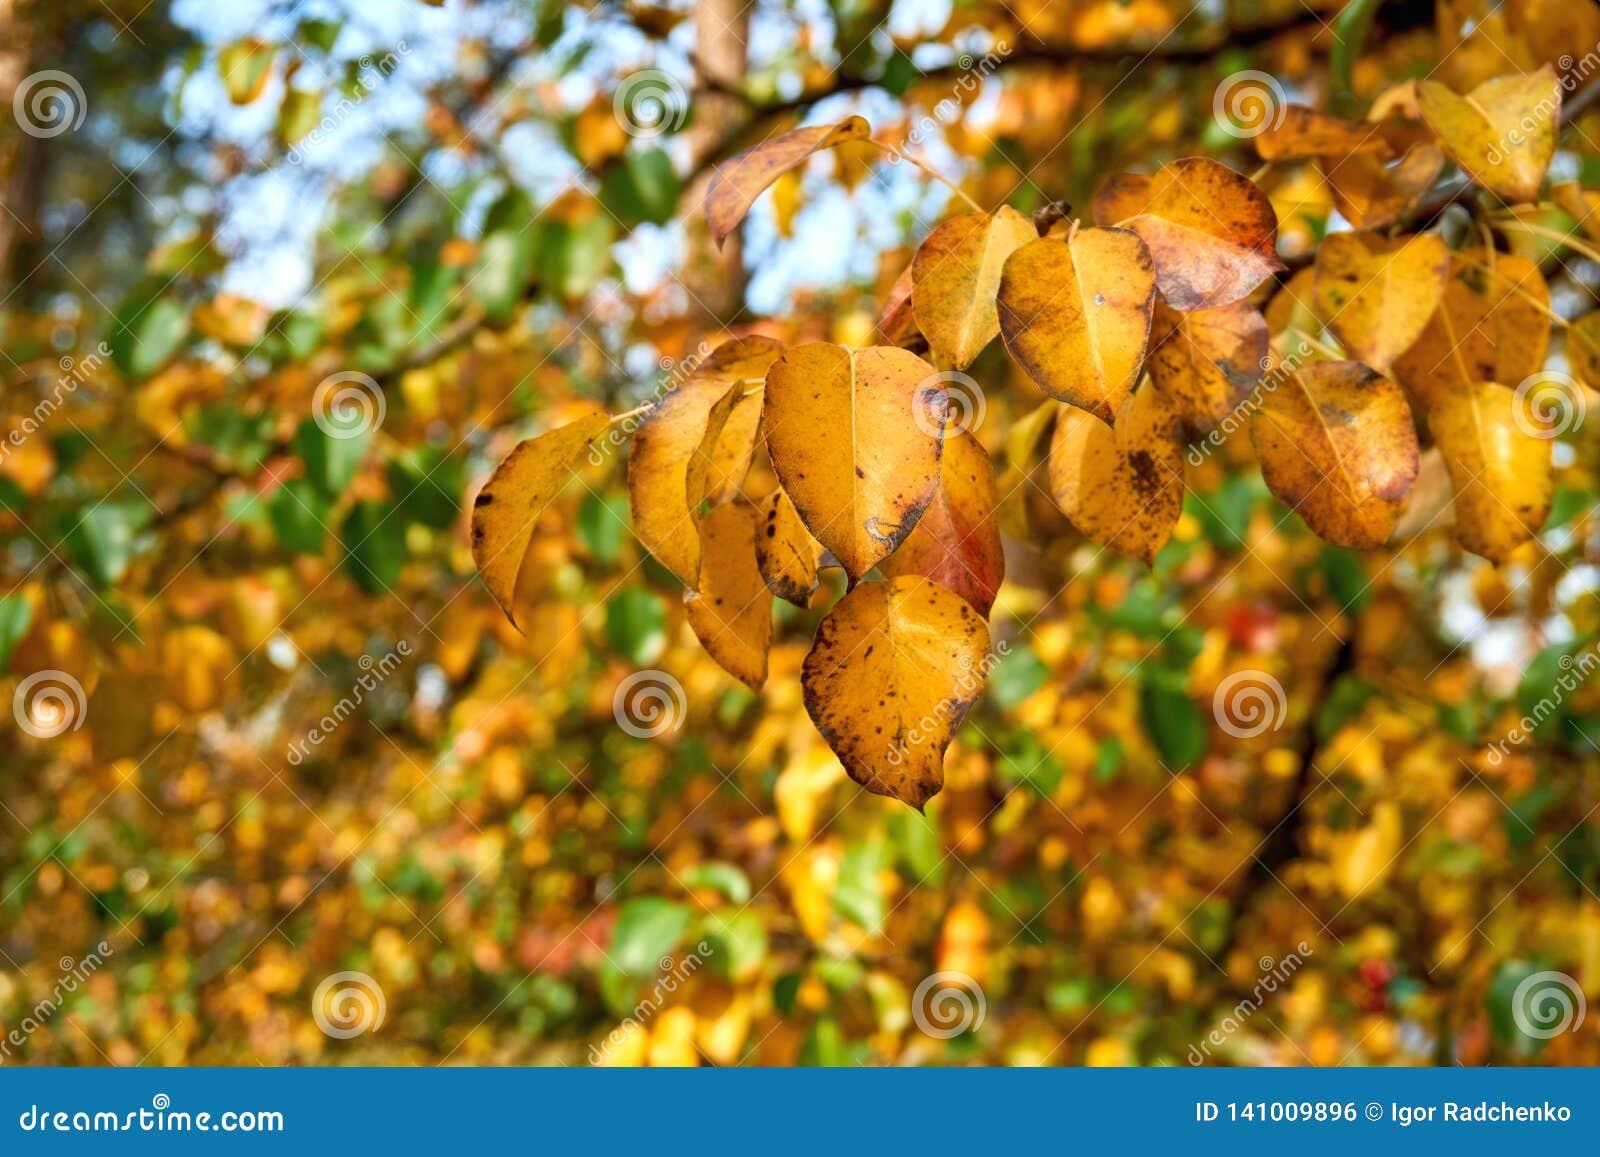 Jesieni bonkrety liście